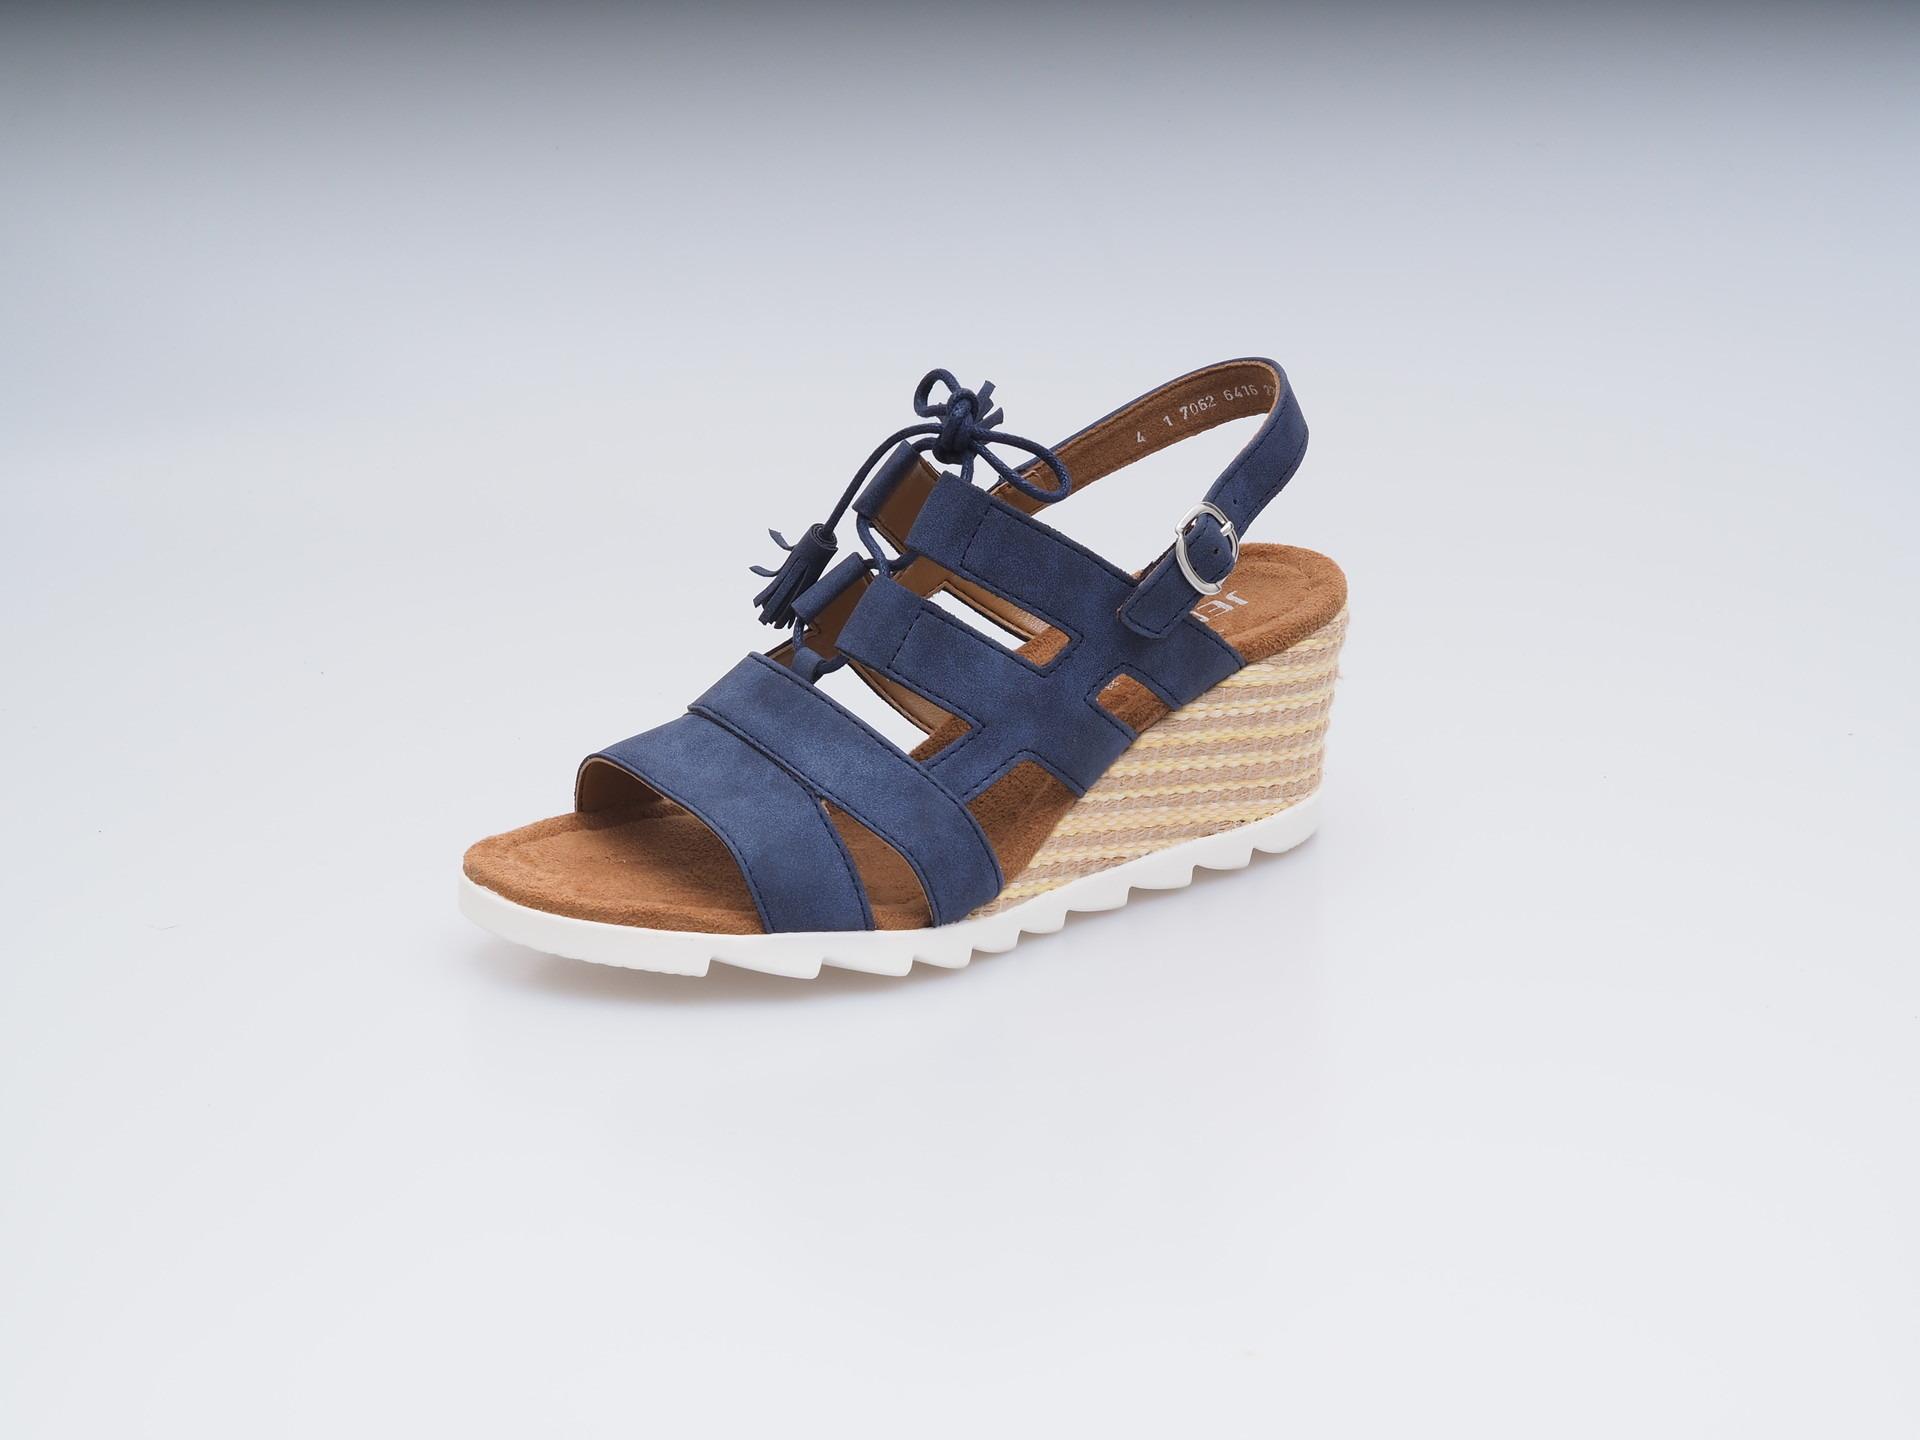 99553f7da6 ARA - Sandále - Dámska otvorená sandála na klinovom podpätku modrá